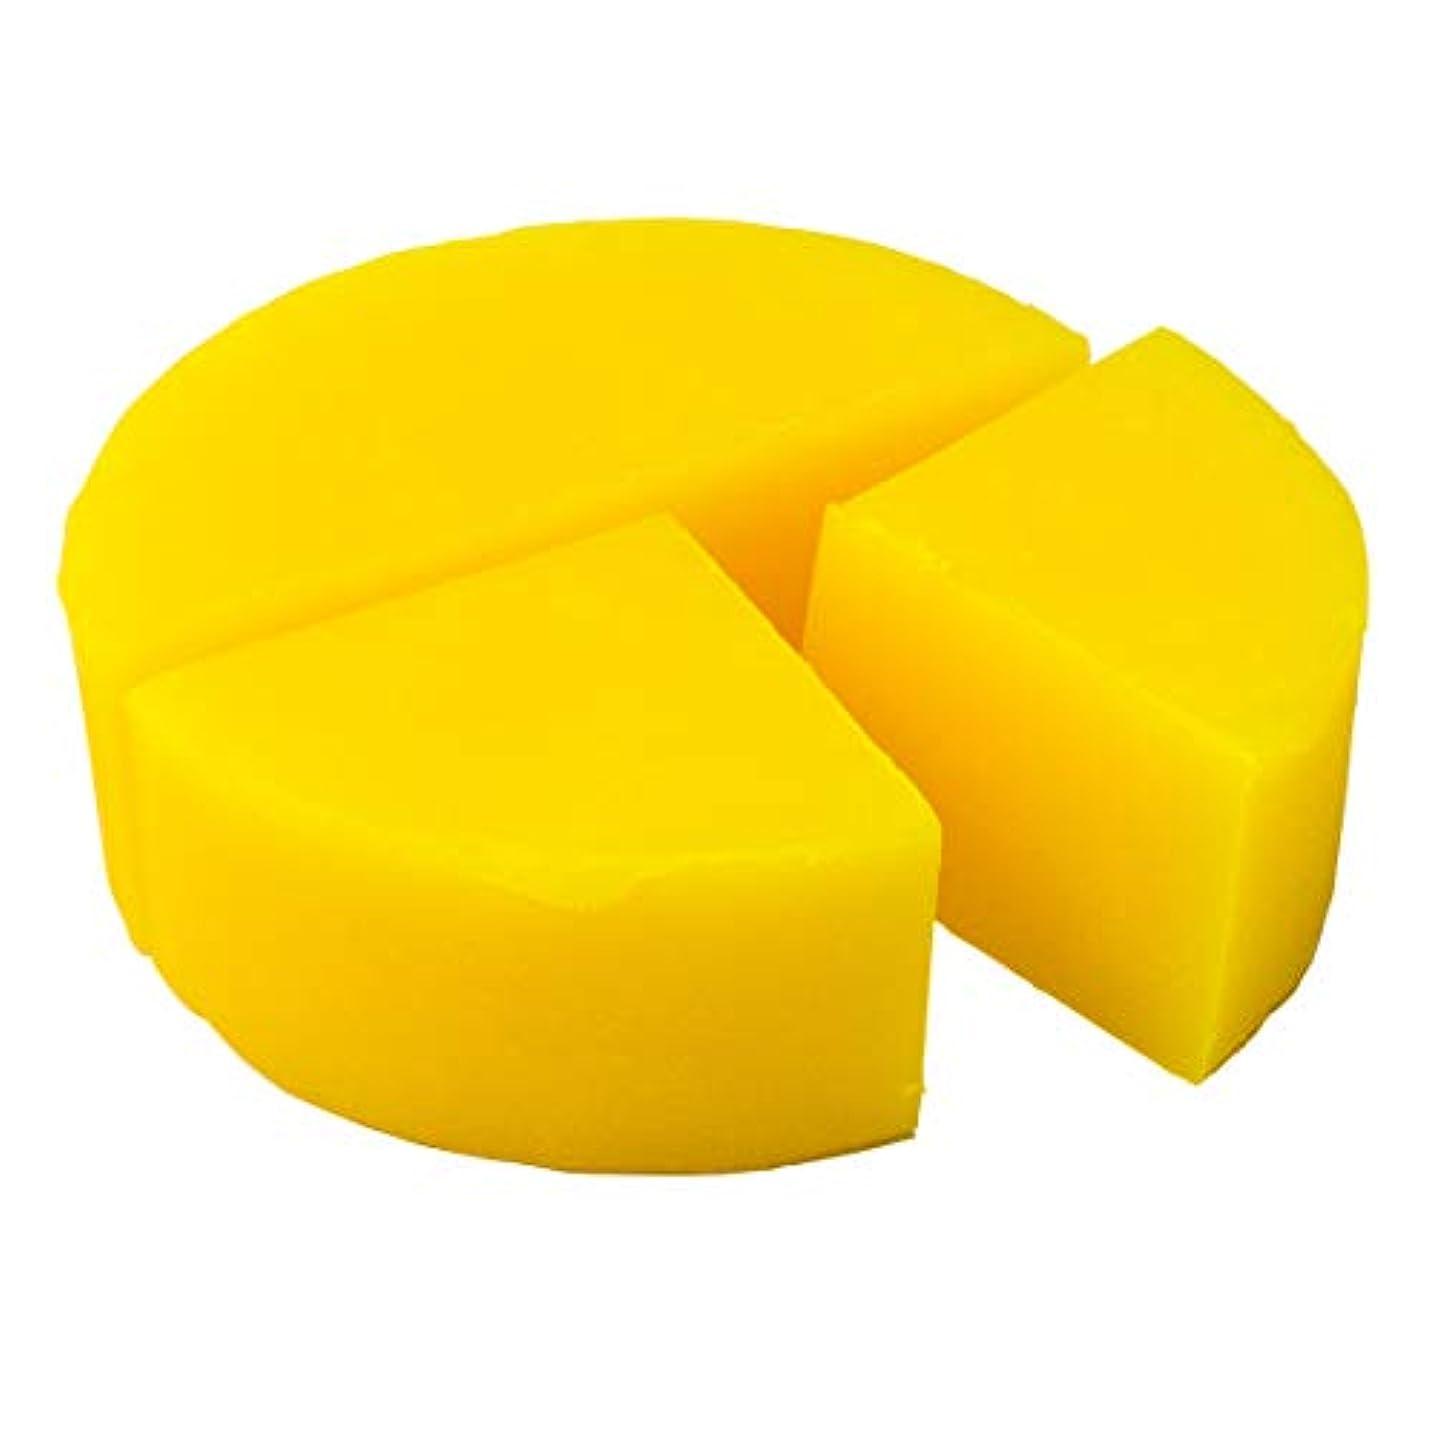 威する番目クマノミグリセリン クリアソープ (MPソープ) 色チップ 黄 100g